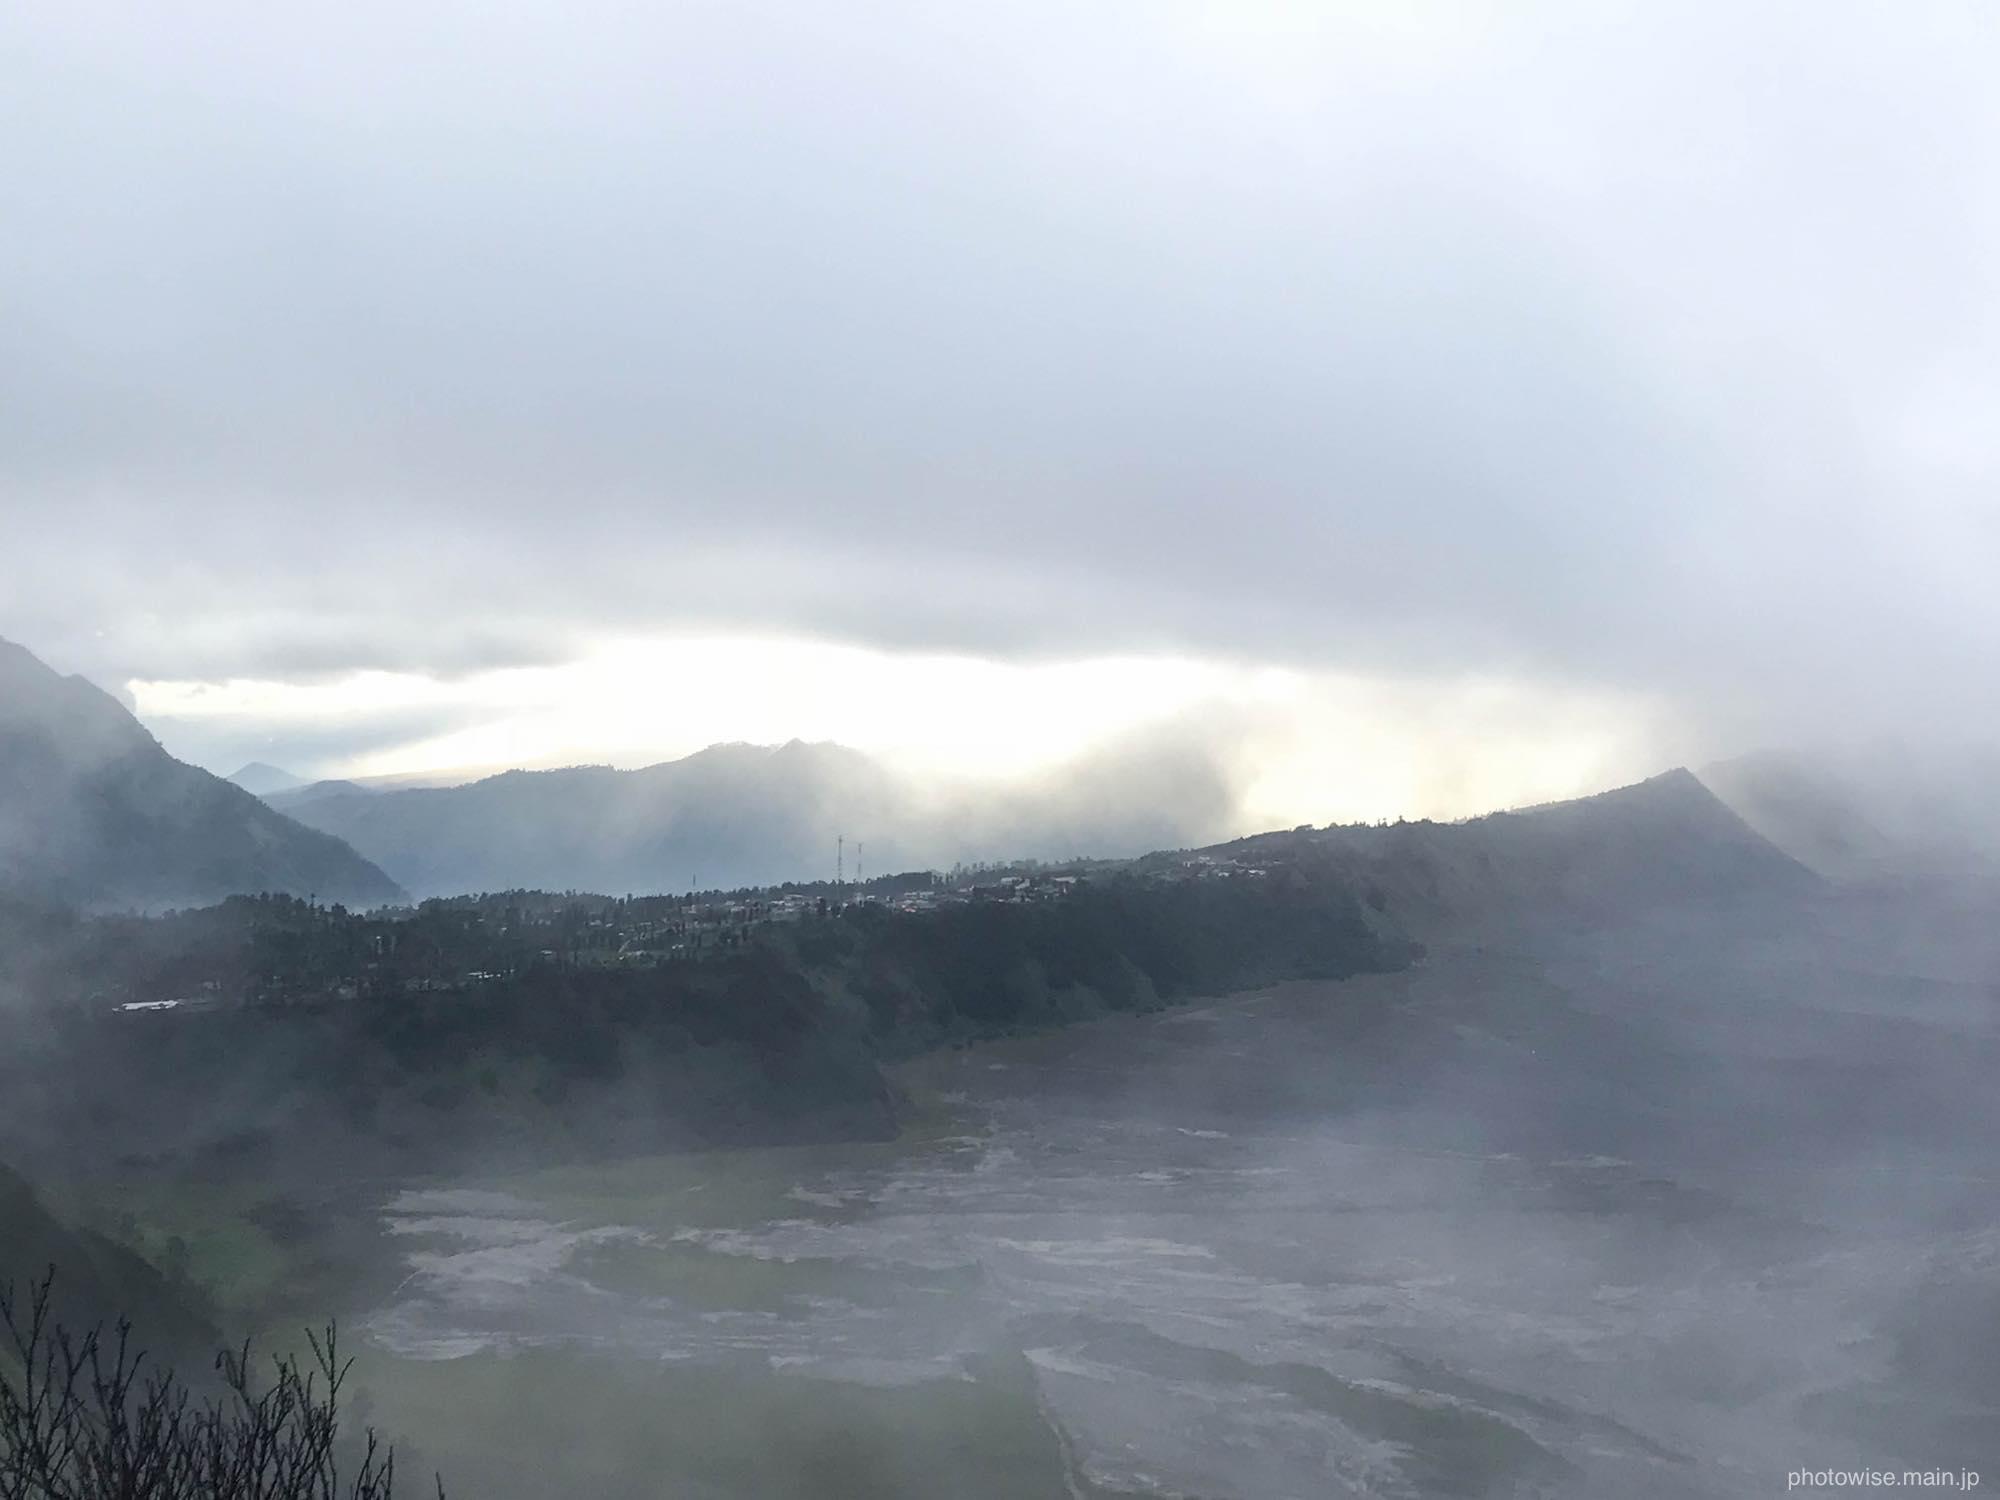 霧が晴れる瞬間